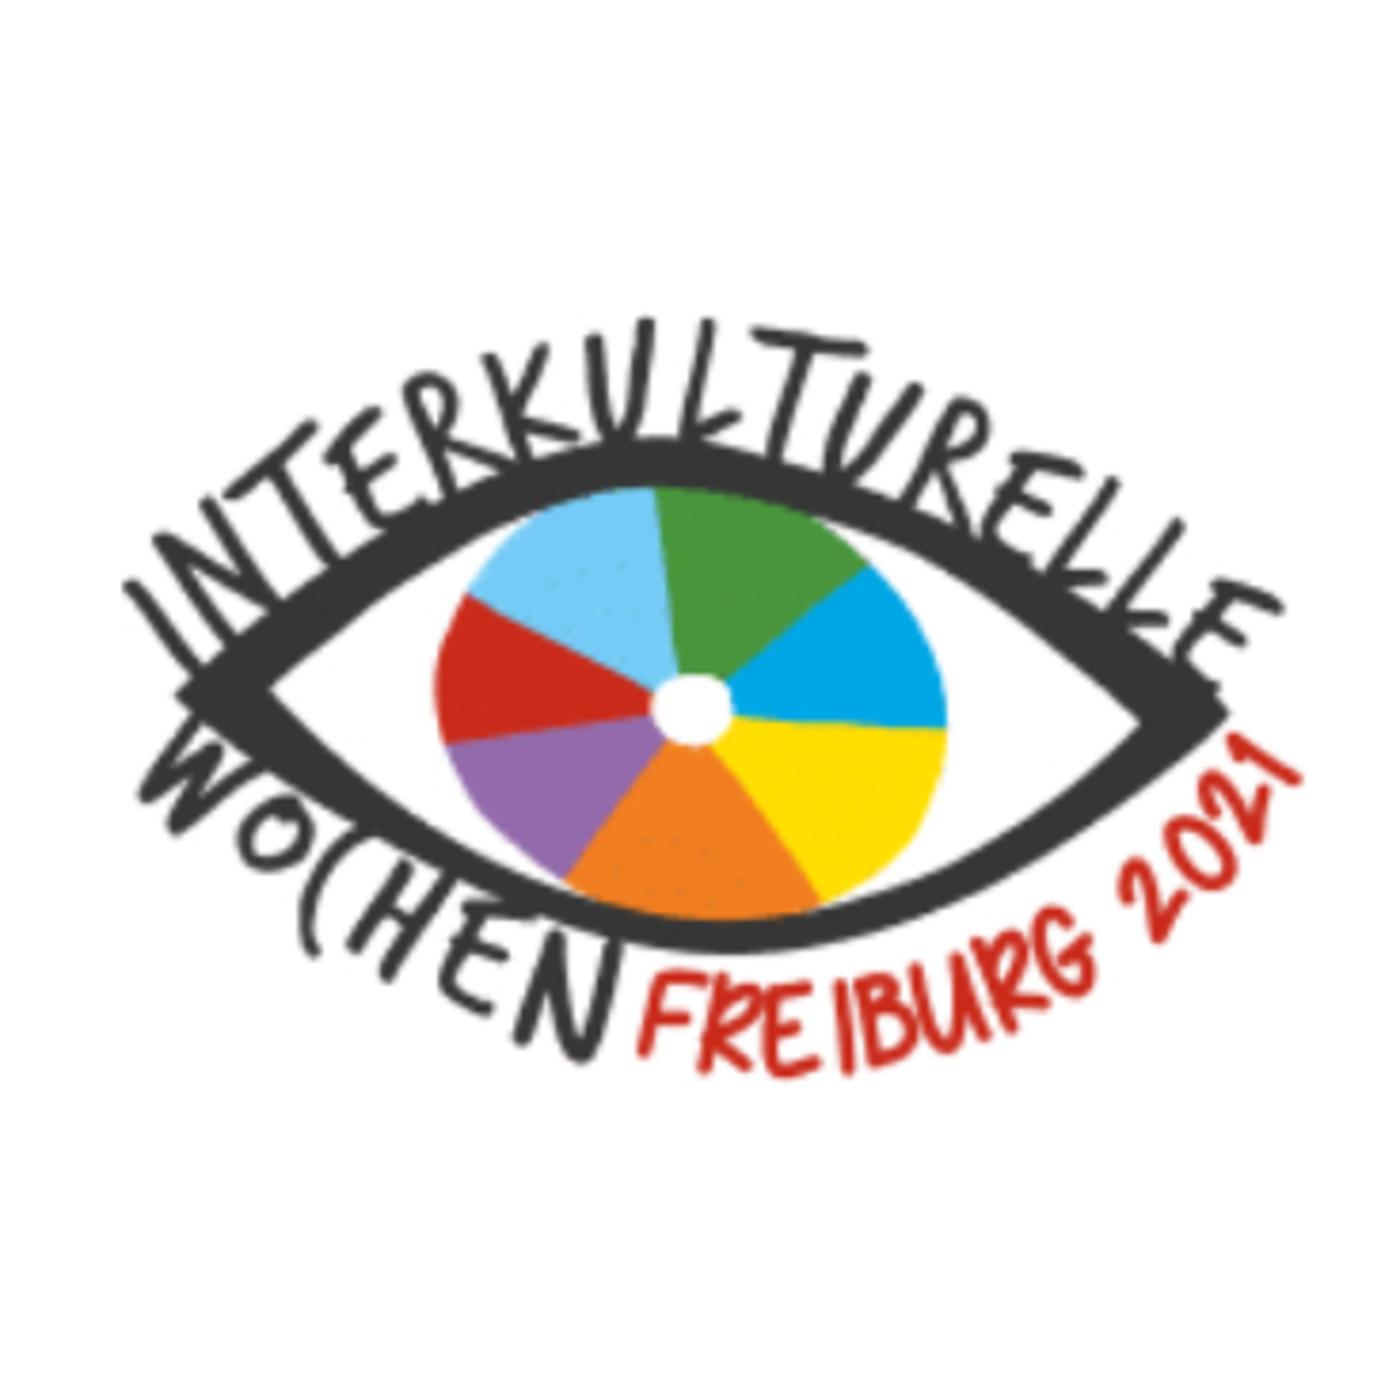 Semanas interculturales en Freiburg y derechos de l@s migrantes